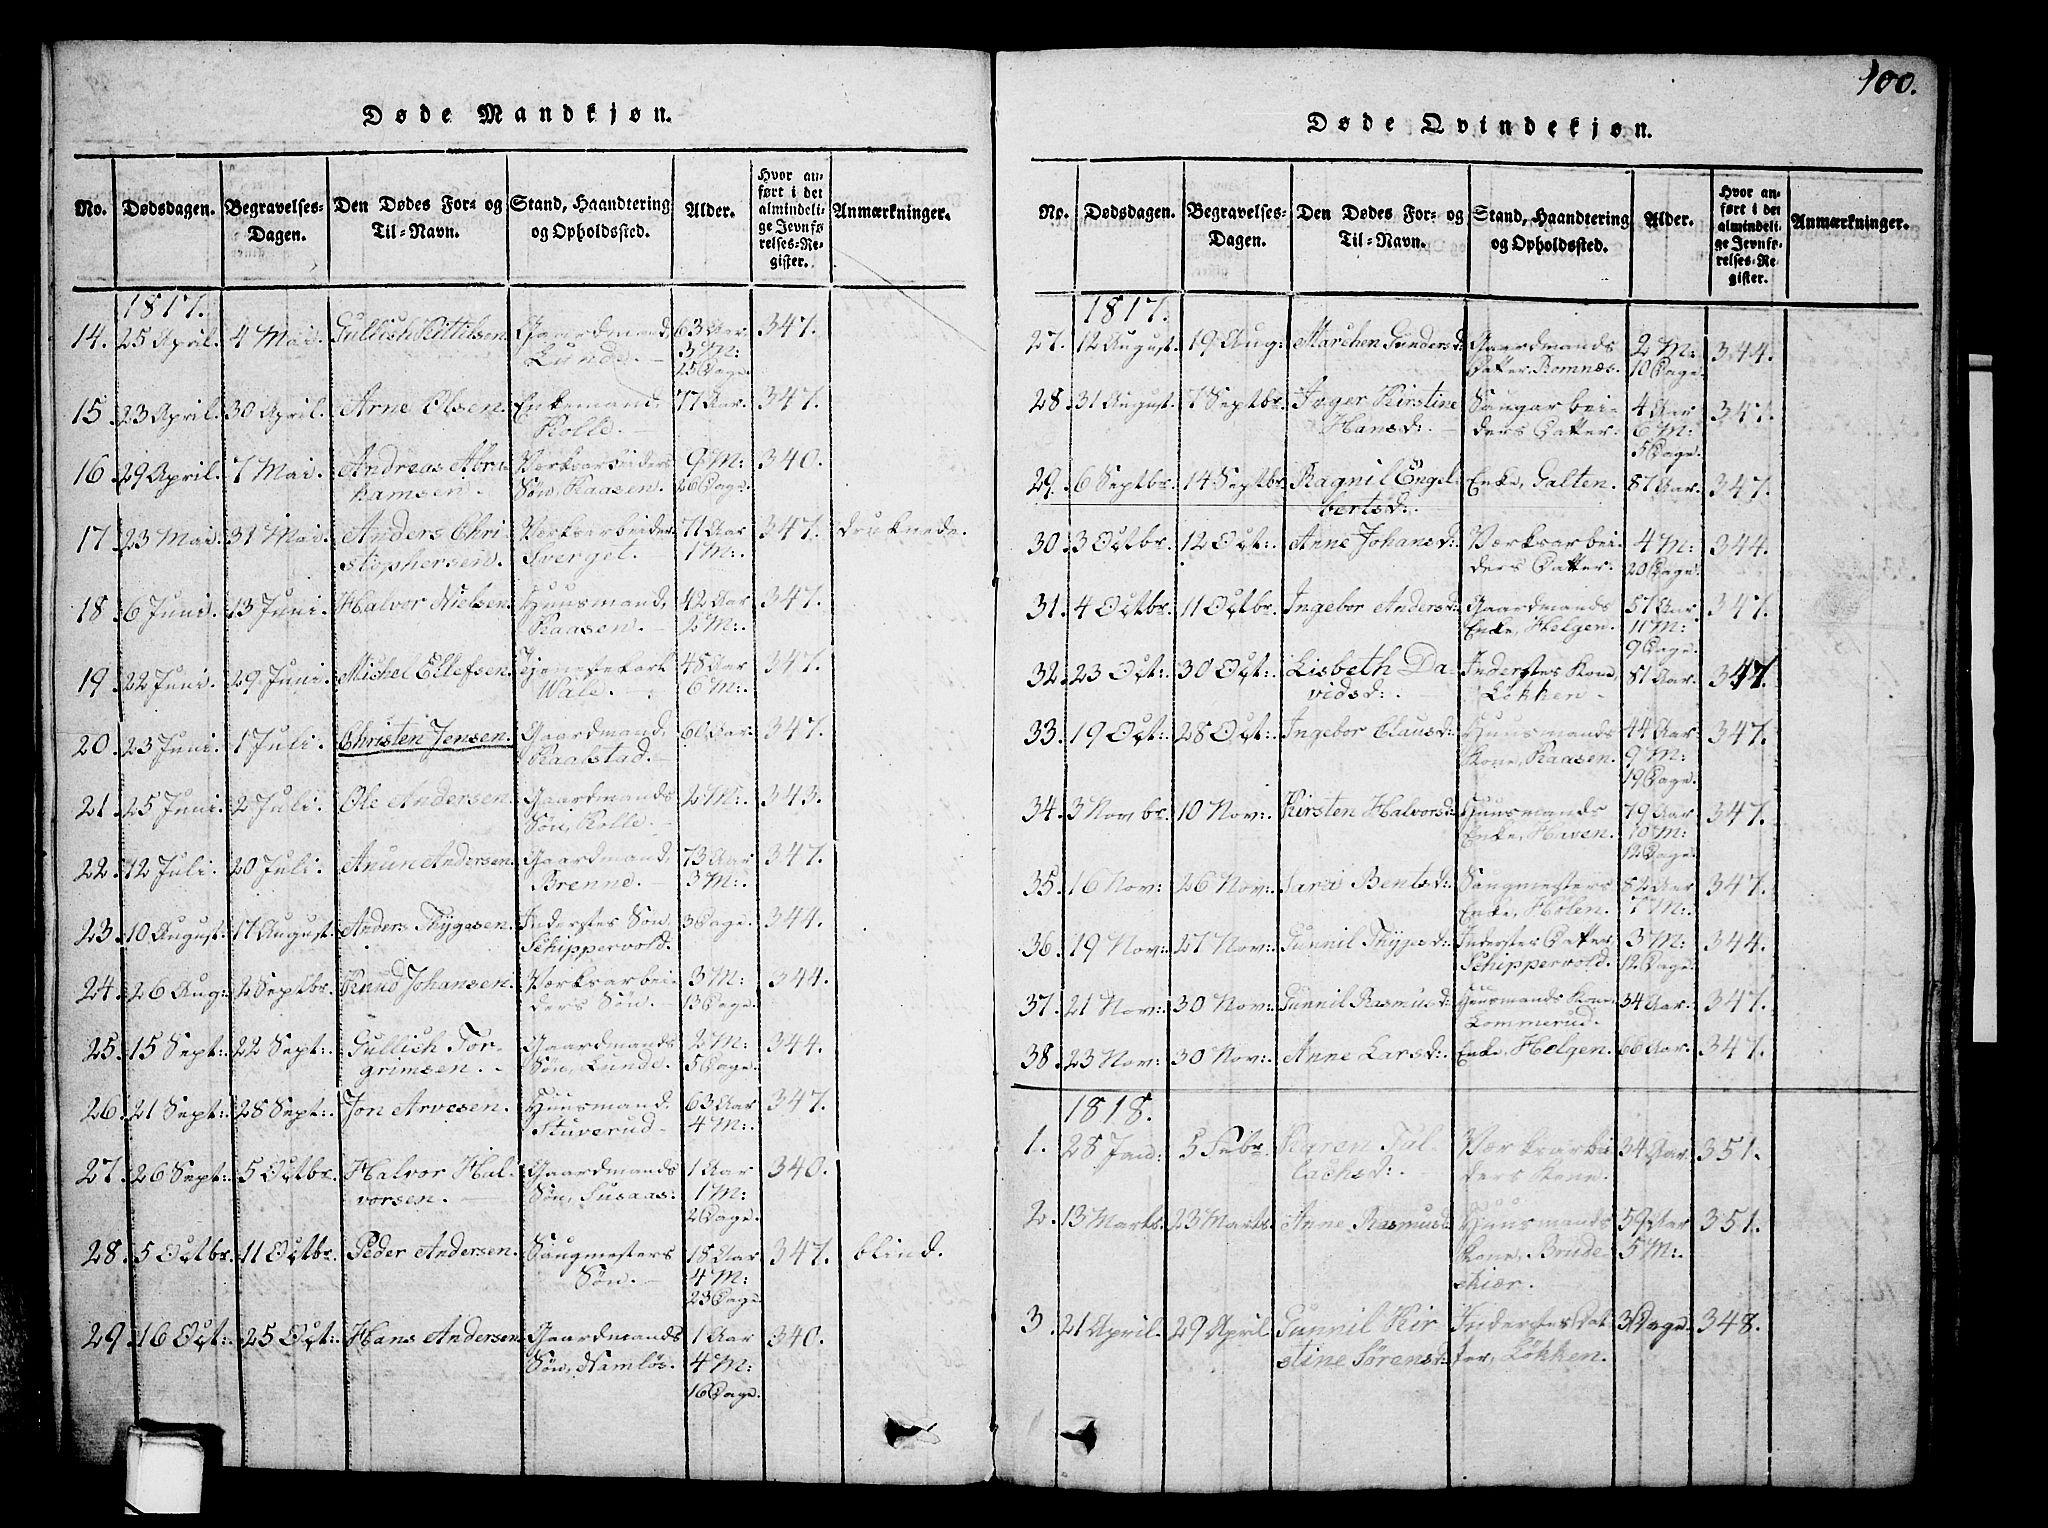 SAKO, Holla kirkebøker, G/Ga/L0001: Klokkerbok nr. I 1, 1814-1830, s. 100